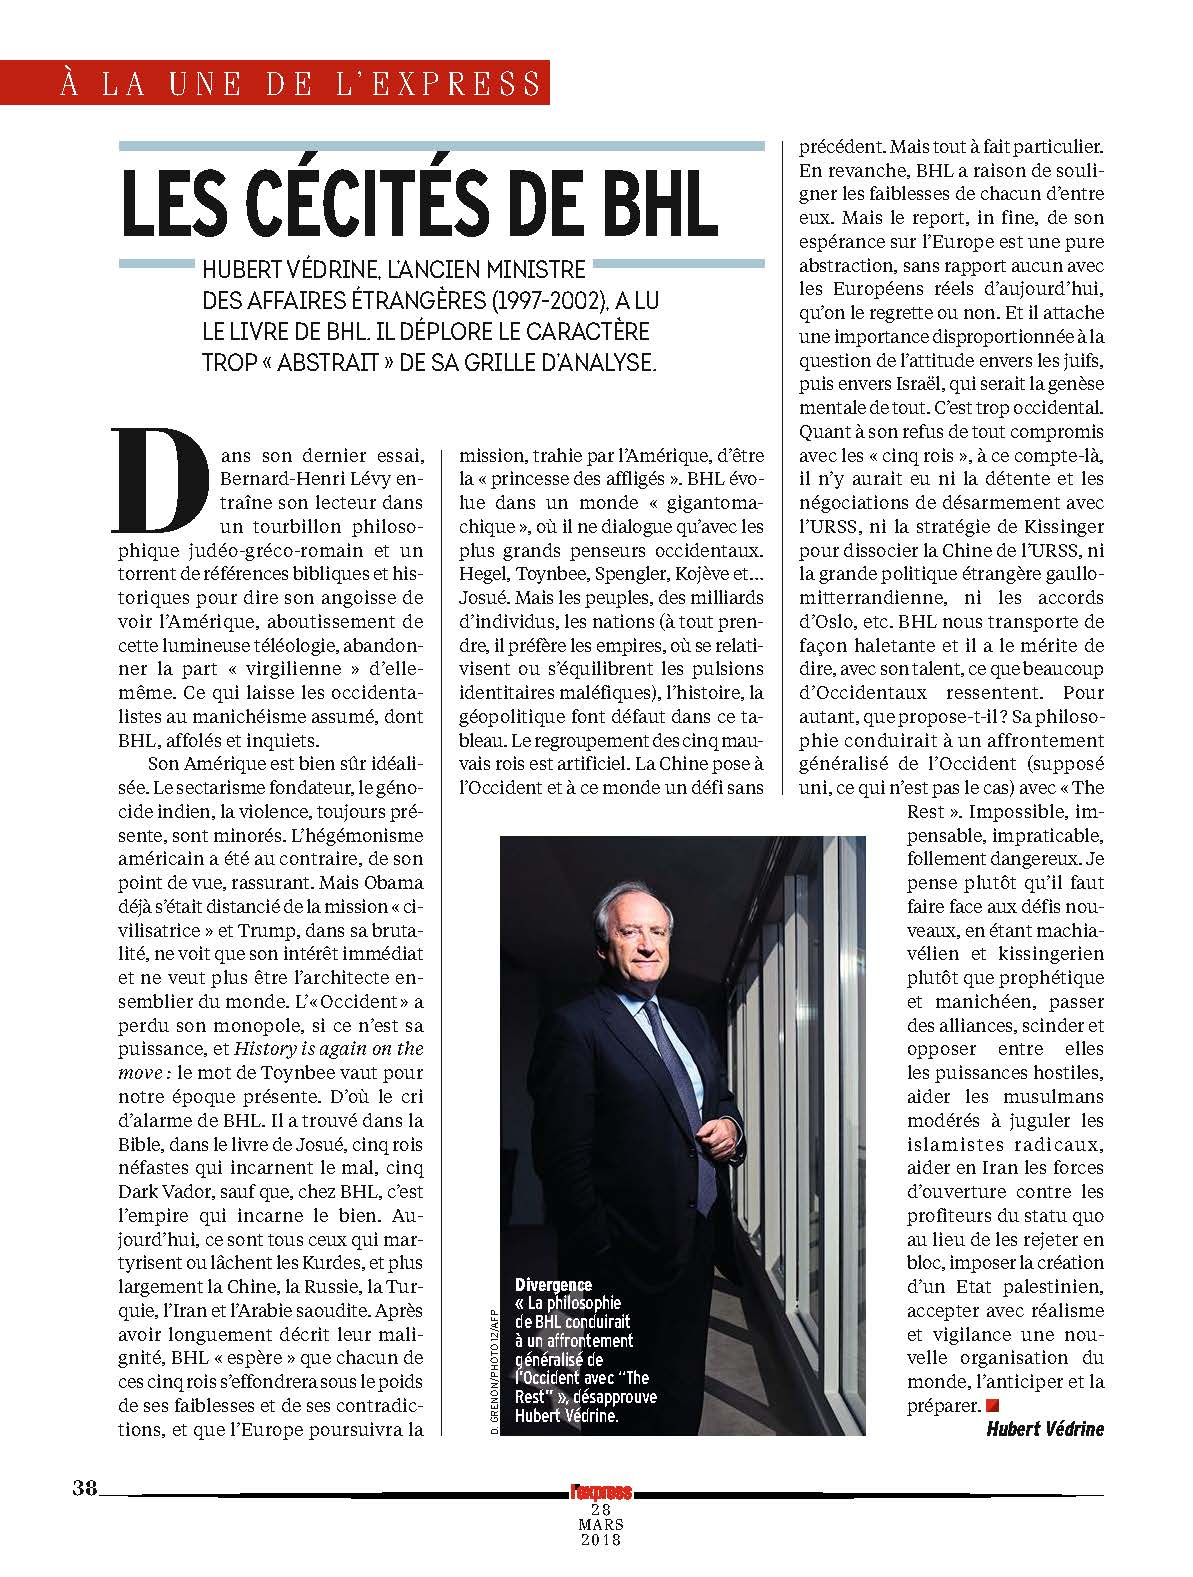 La critique de «L'Empire et les cinq rois» de Bernard-Henri Lévy par Hubert Védrine.